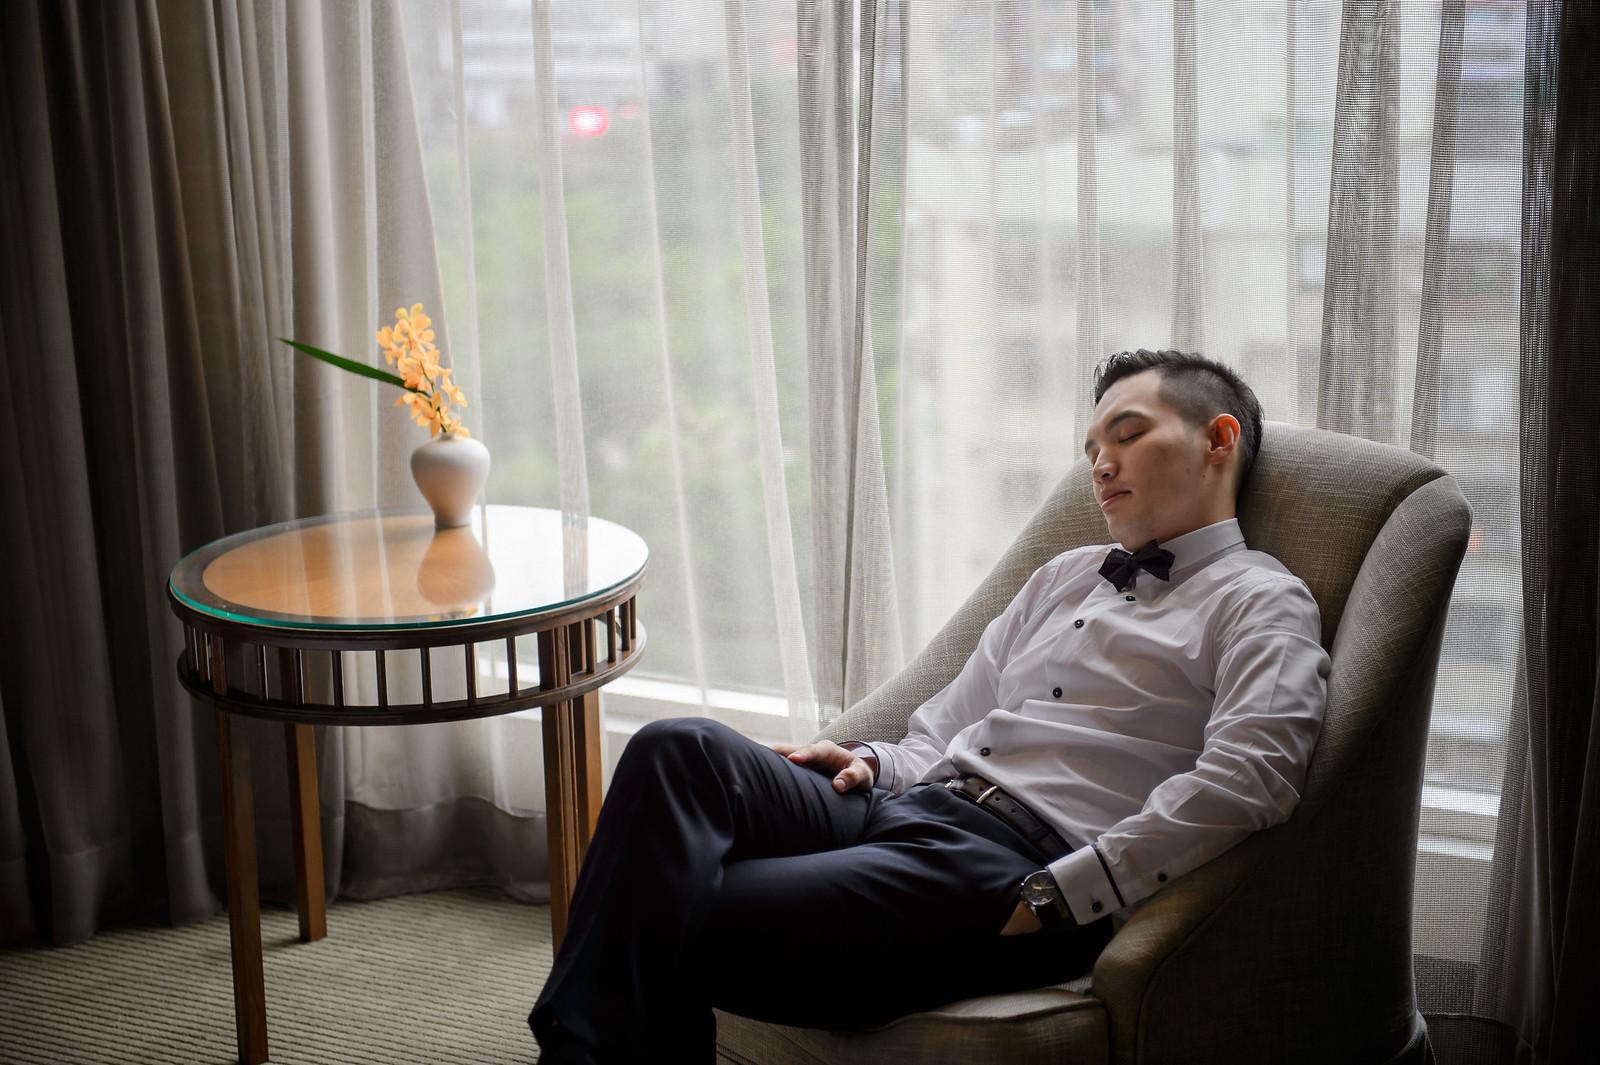 台北婚攝, 婚禮攝影, 婚攝, 婚攝守恆, 婚攝推薦, 晶華酒店, 晶華酒店婚宴, 晶華酒店婚攝-9